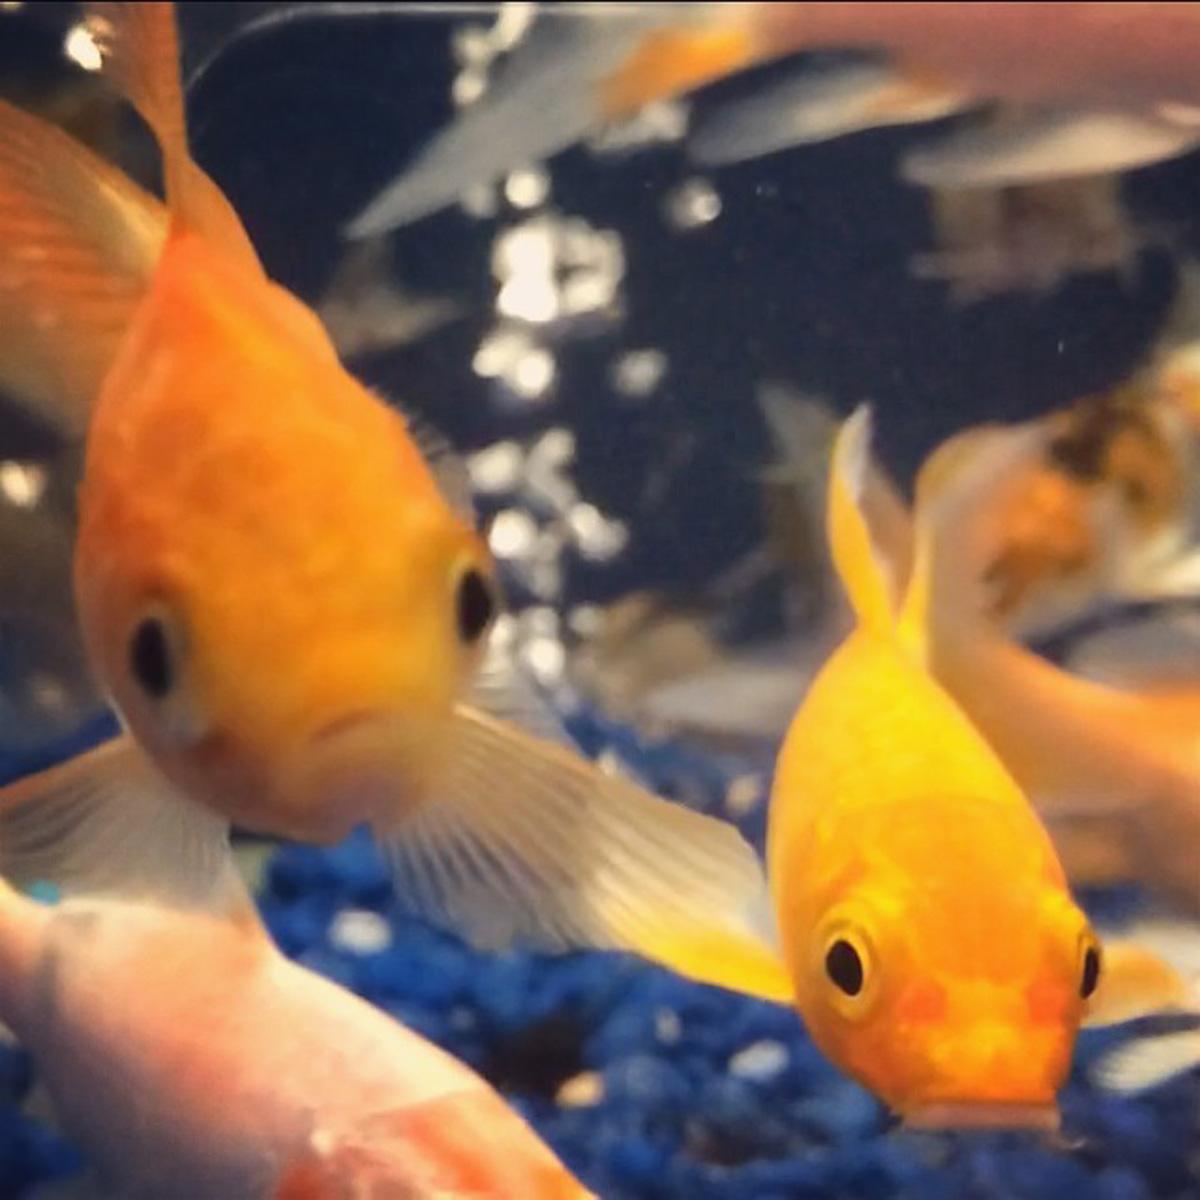 fishie, fishie